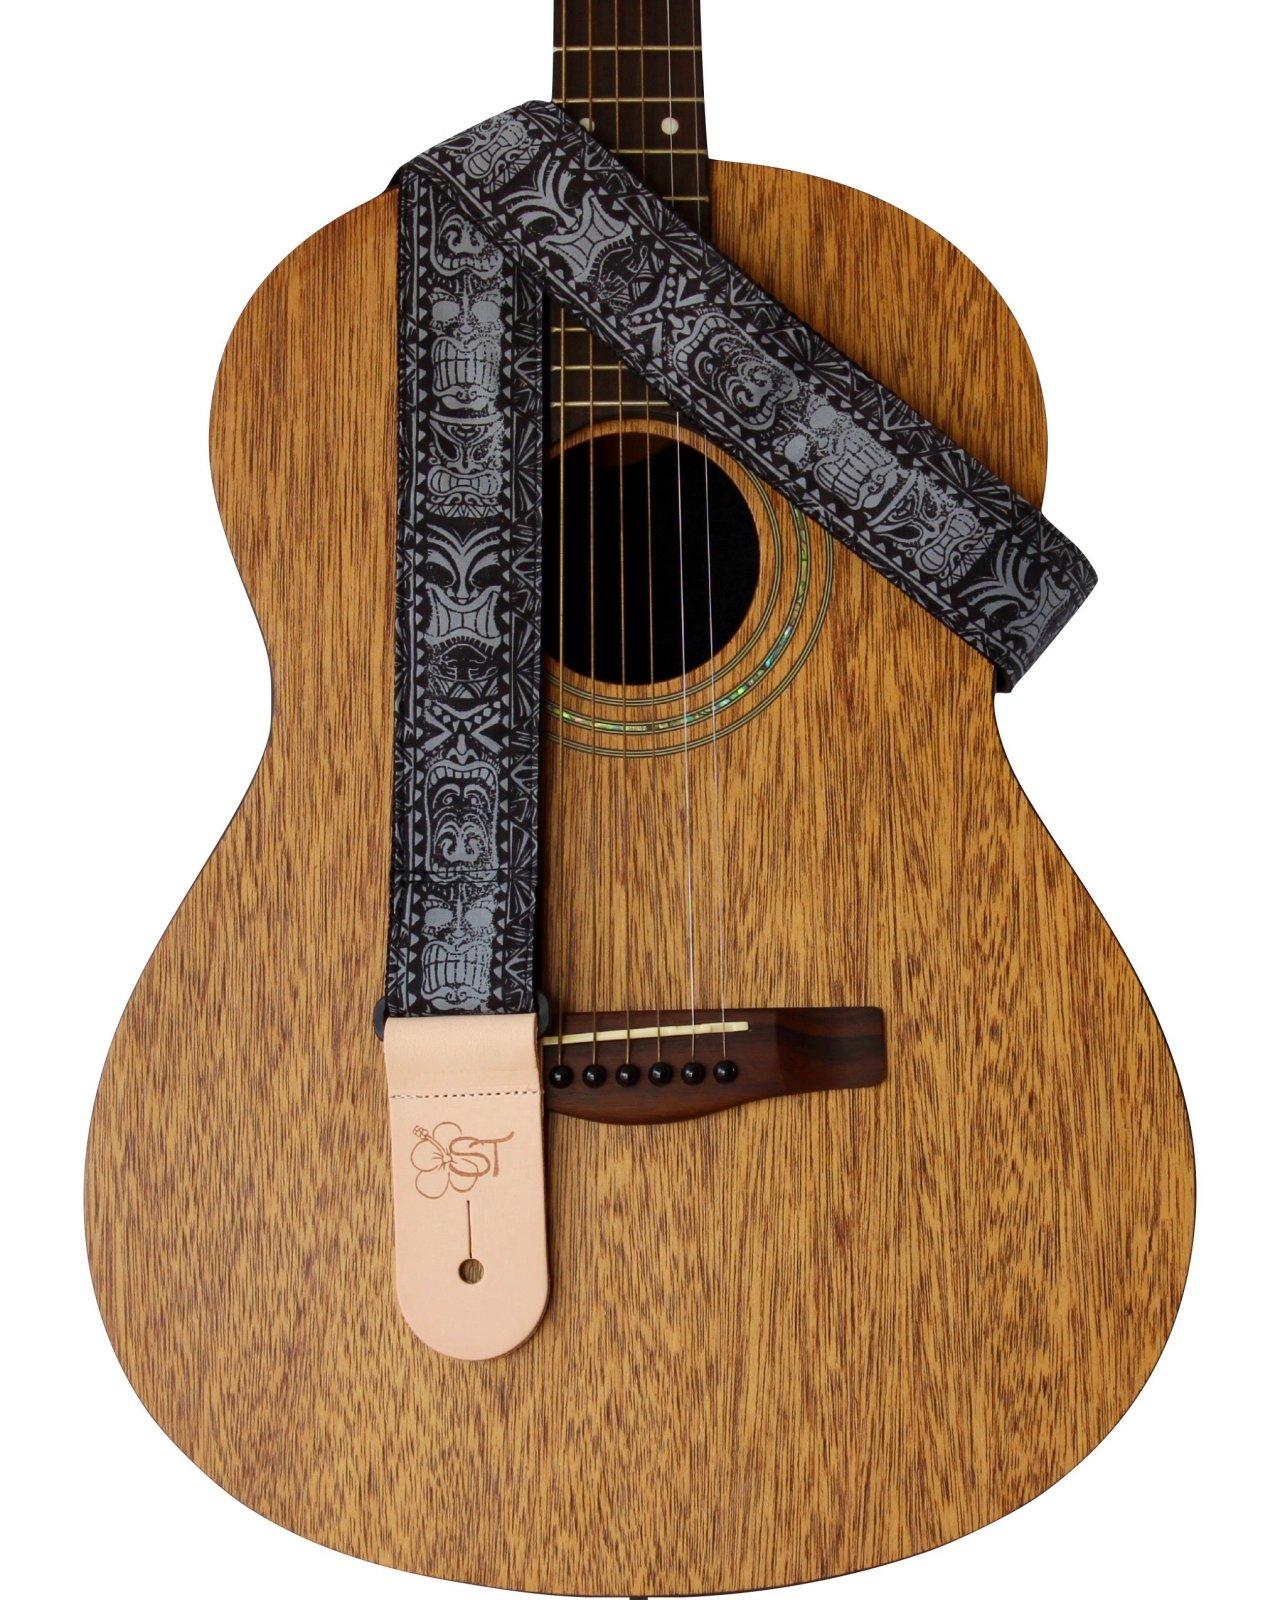 ST 2 Hawaiian Print Guitar Strap - Black Tiki